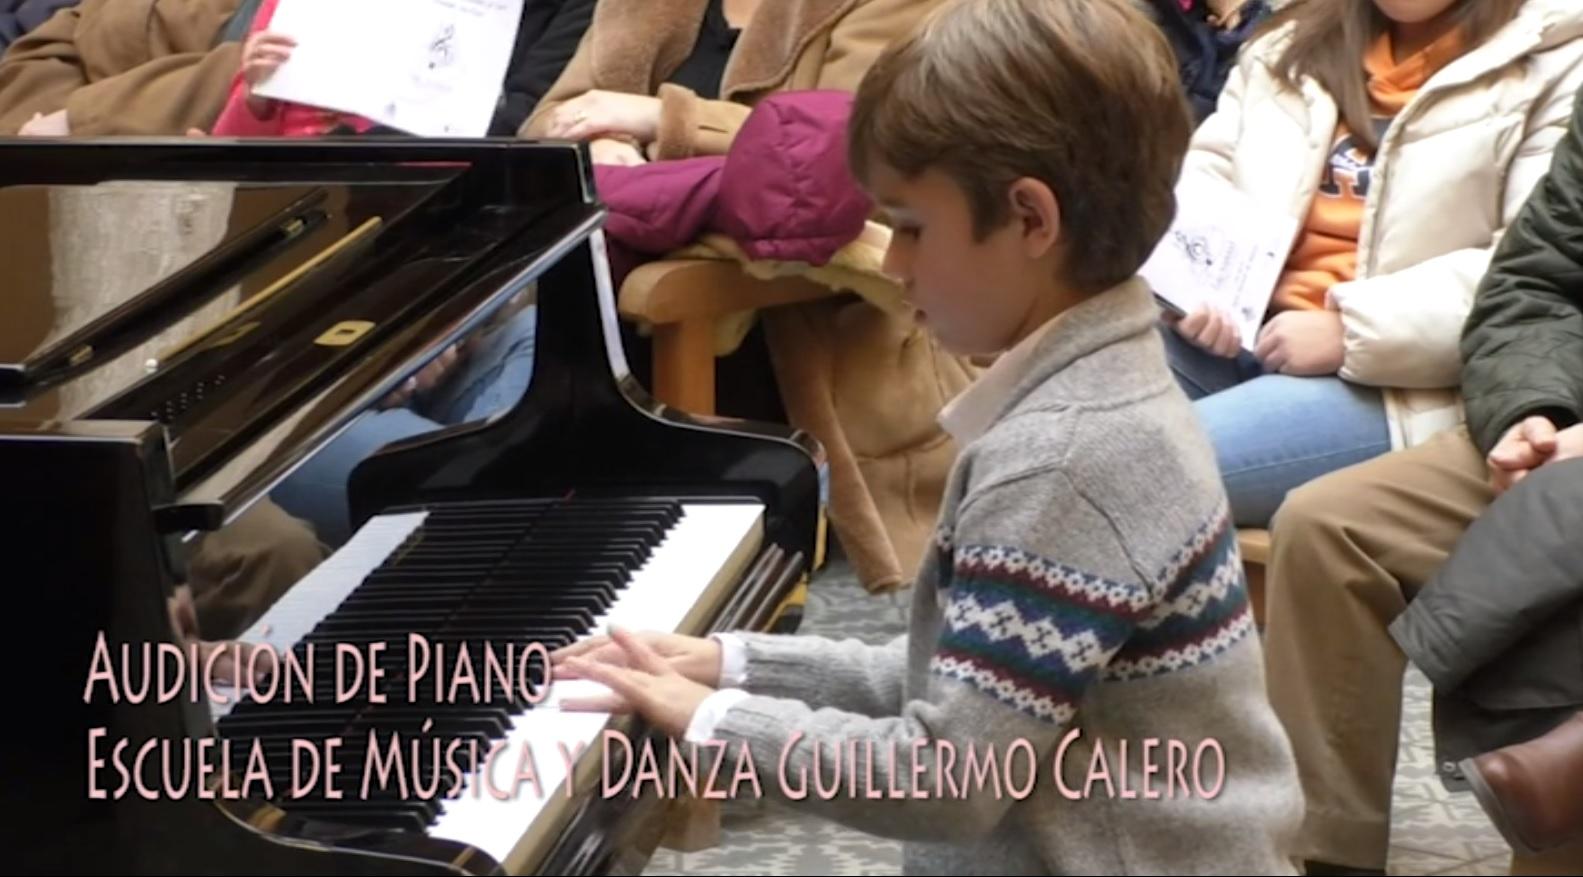 Audición de Piano de la Escuela de Música y Danza Guillermo Calero